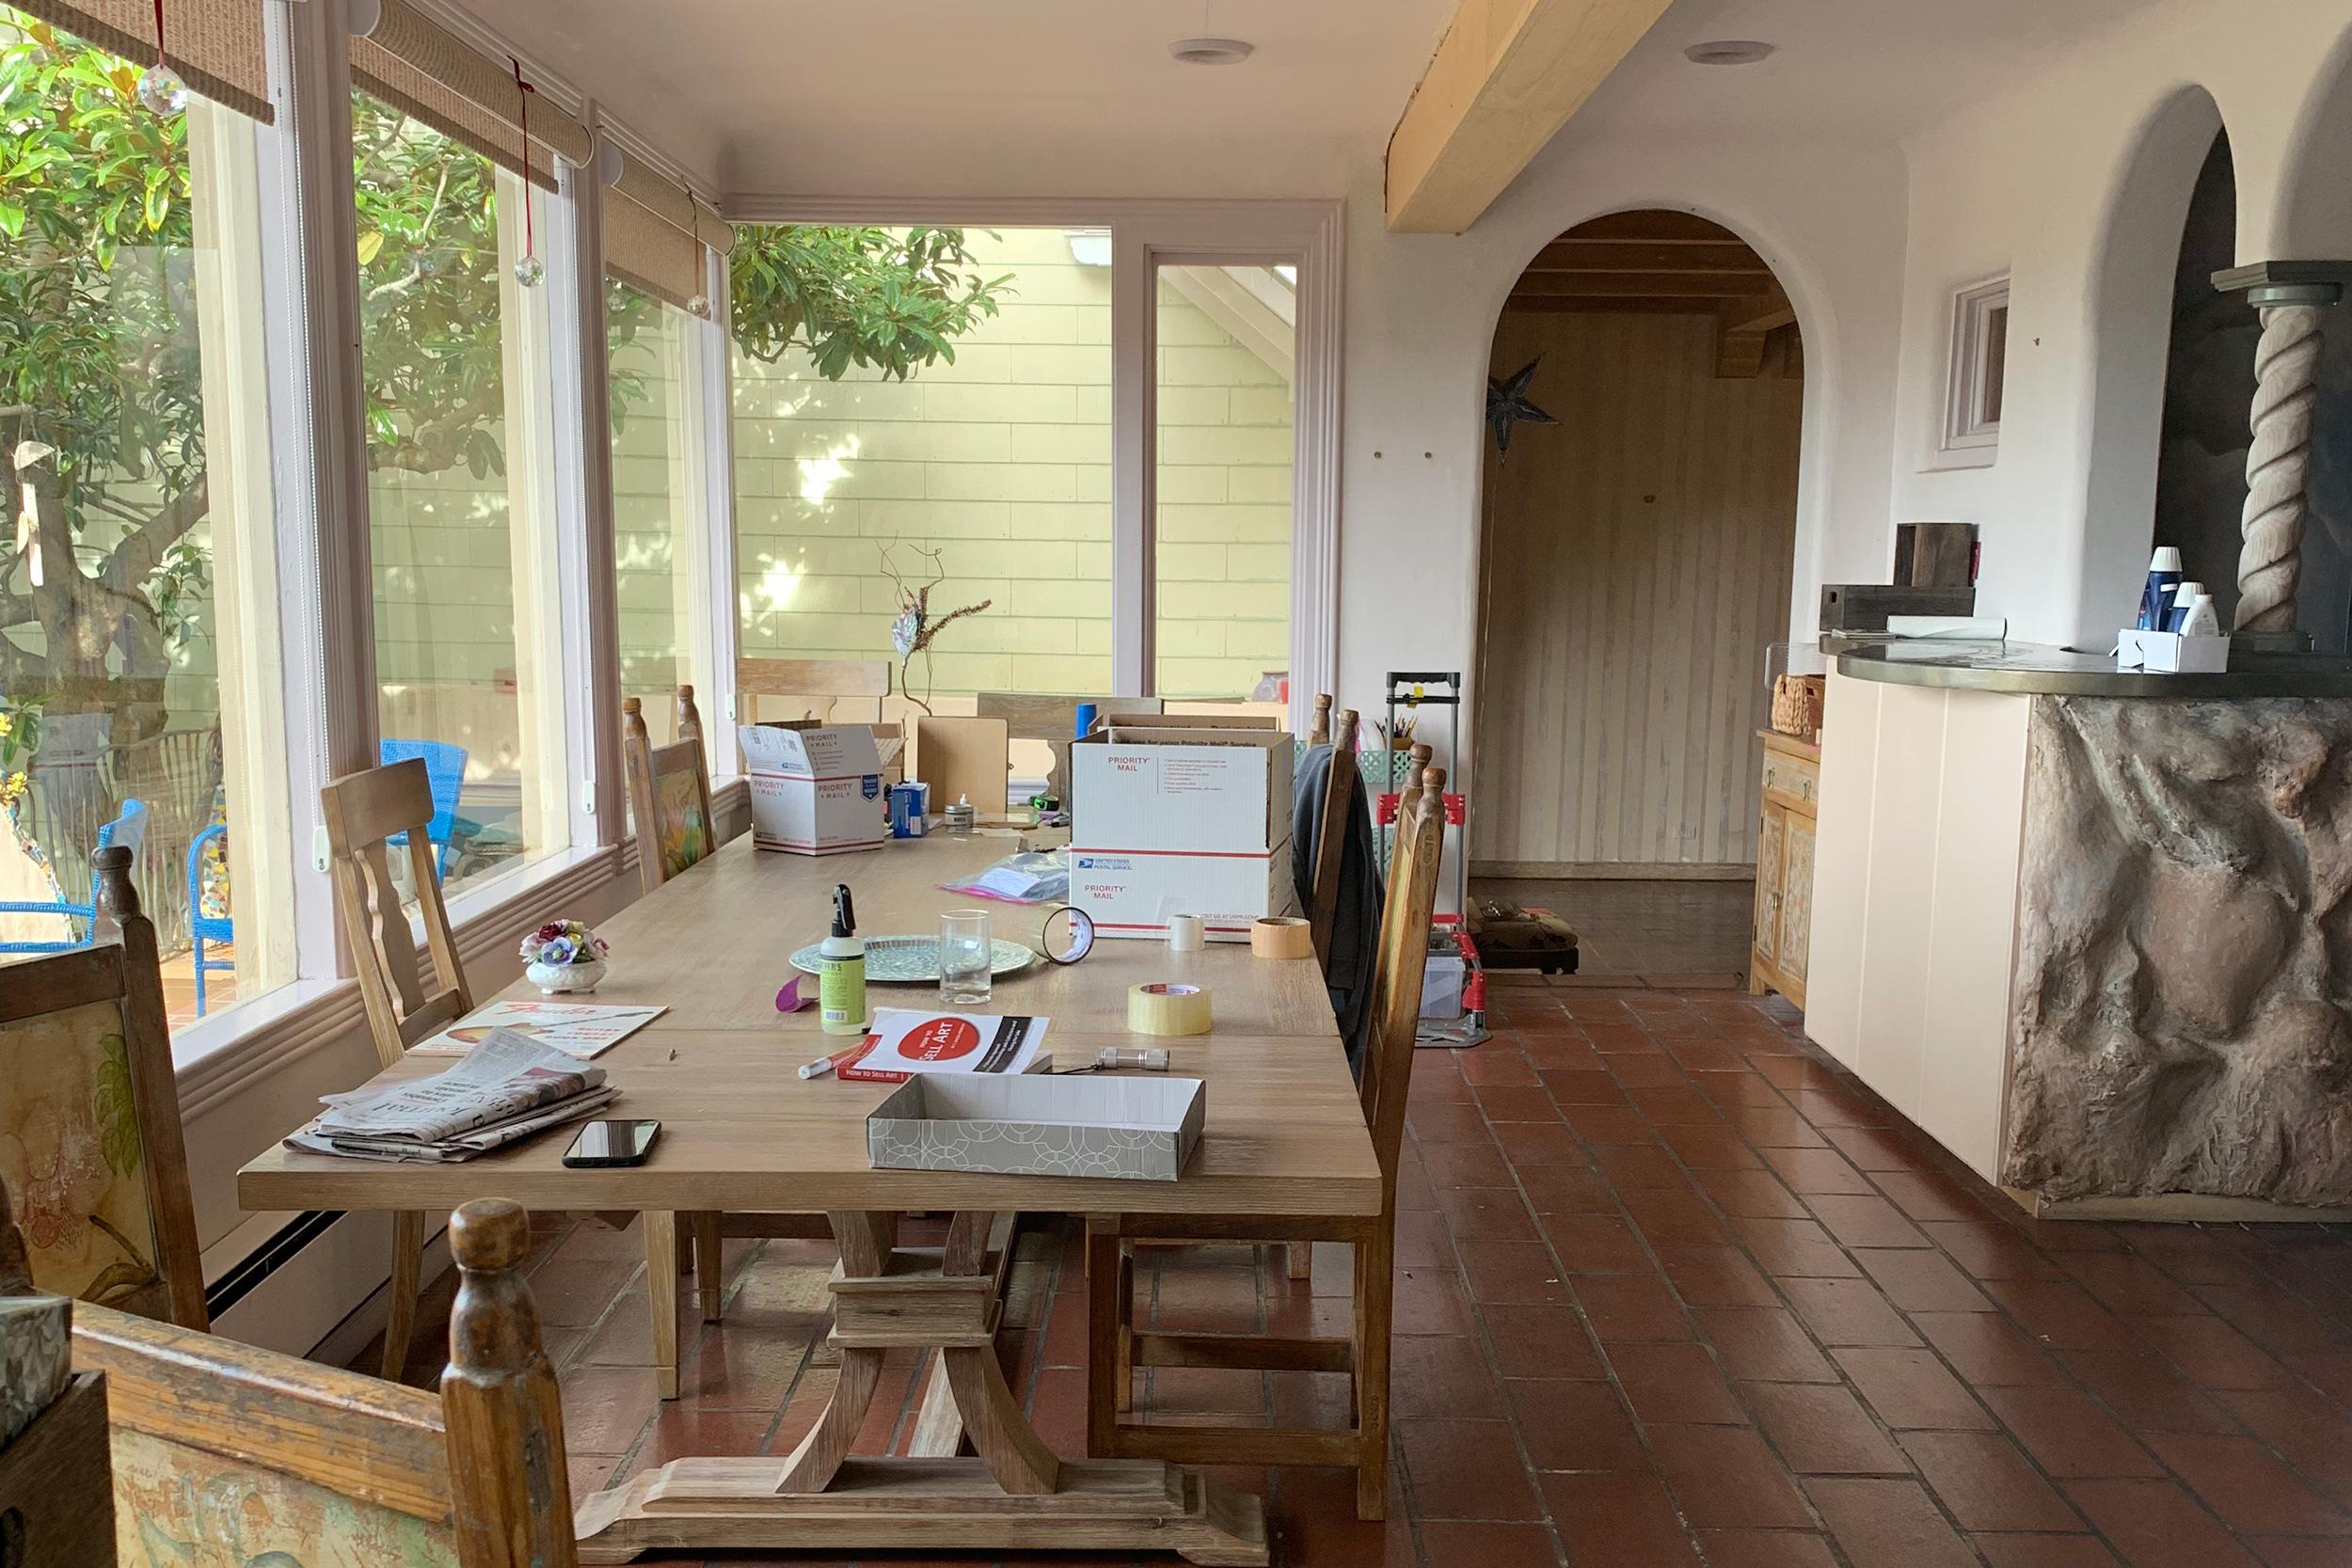 6a_kitchen.jpg